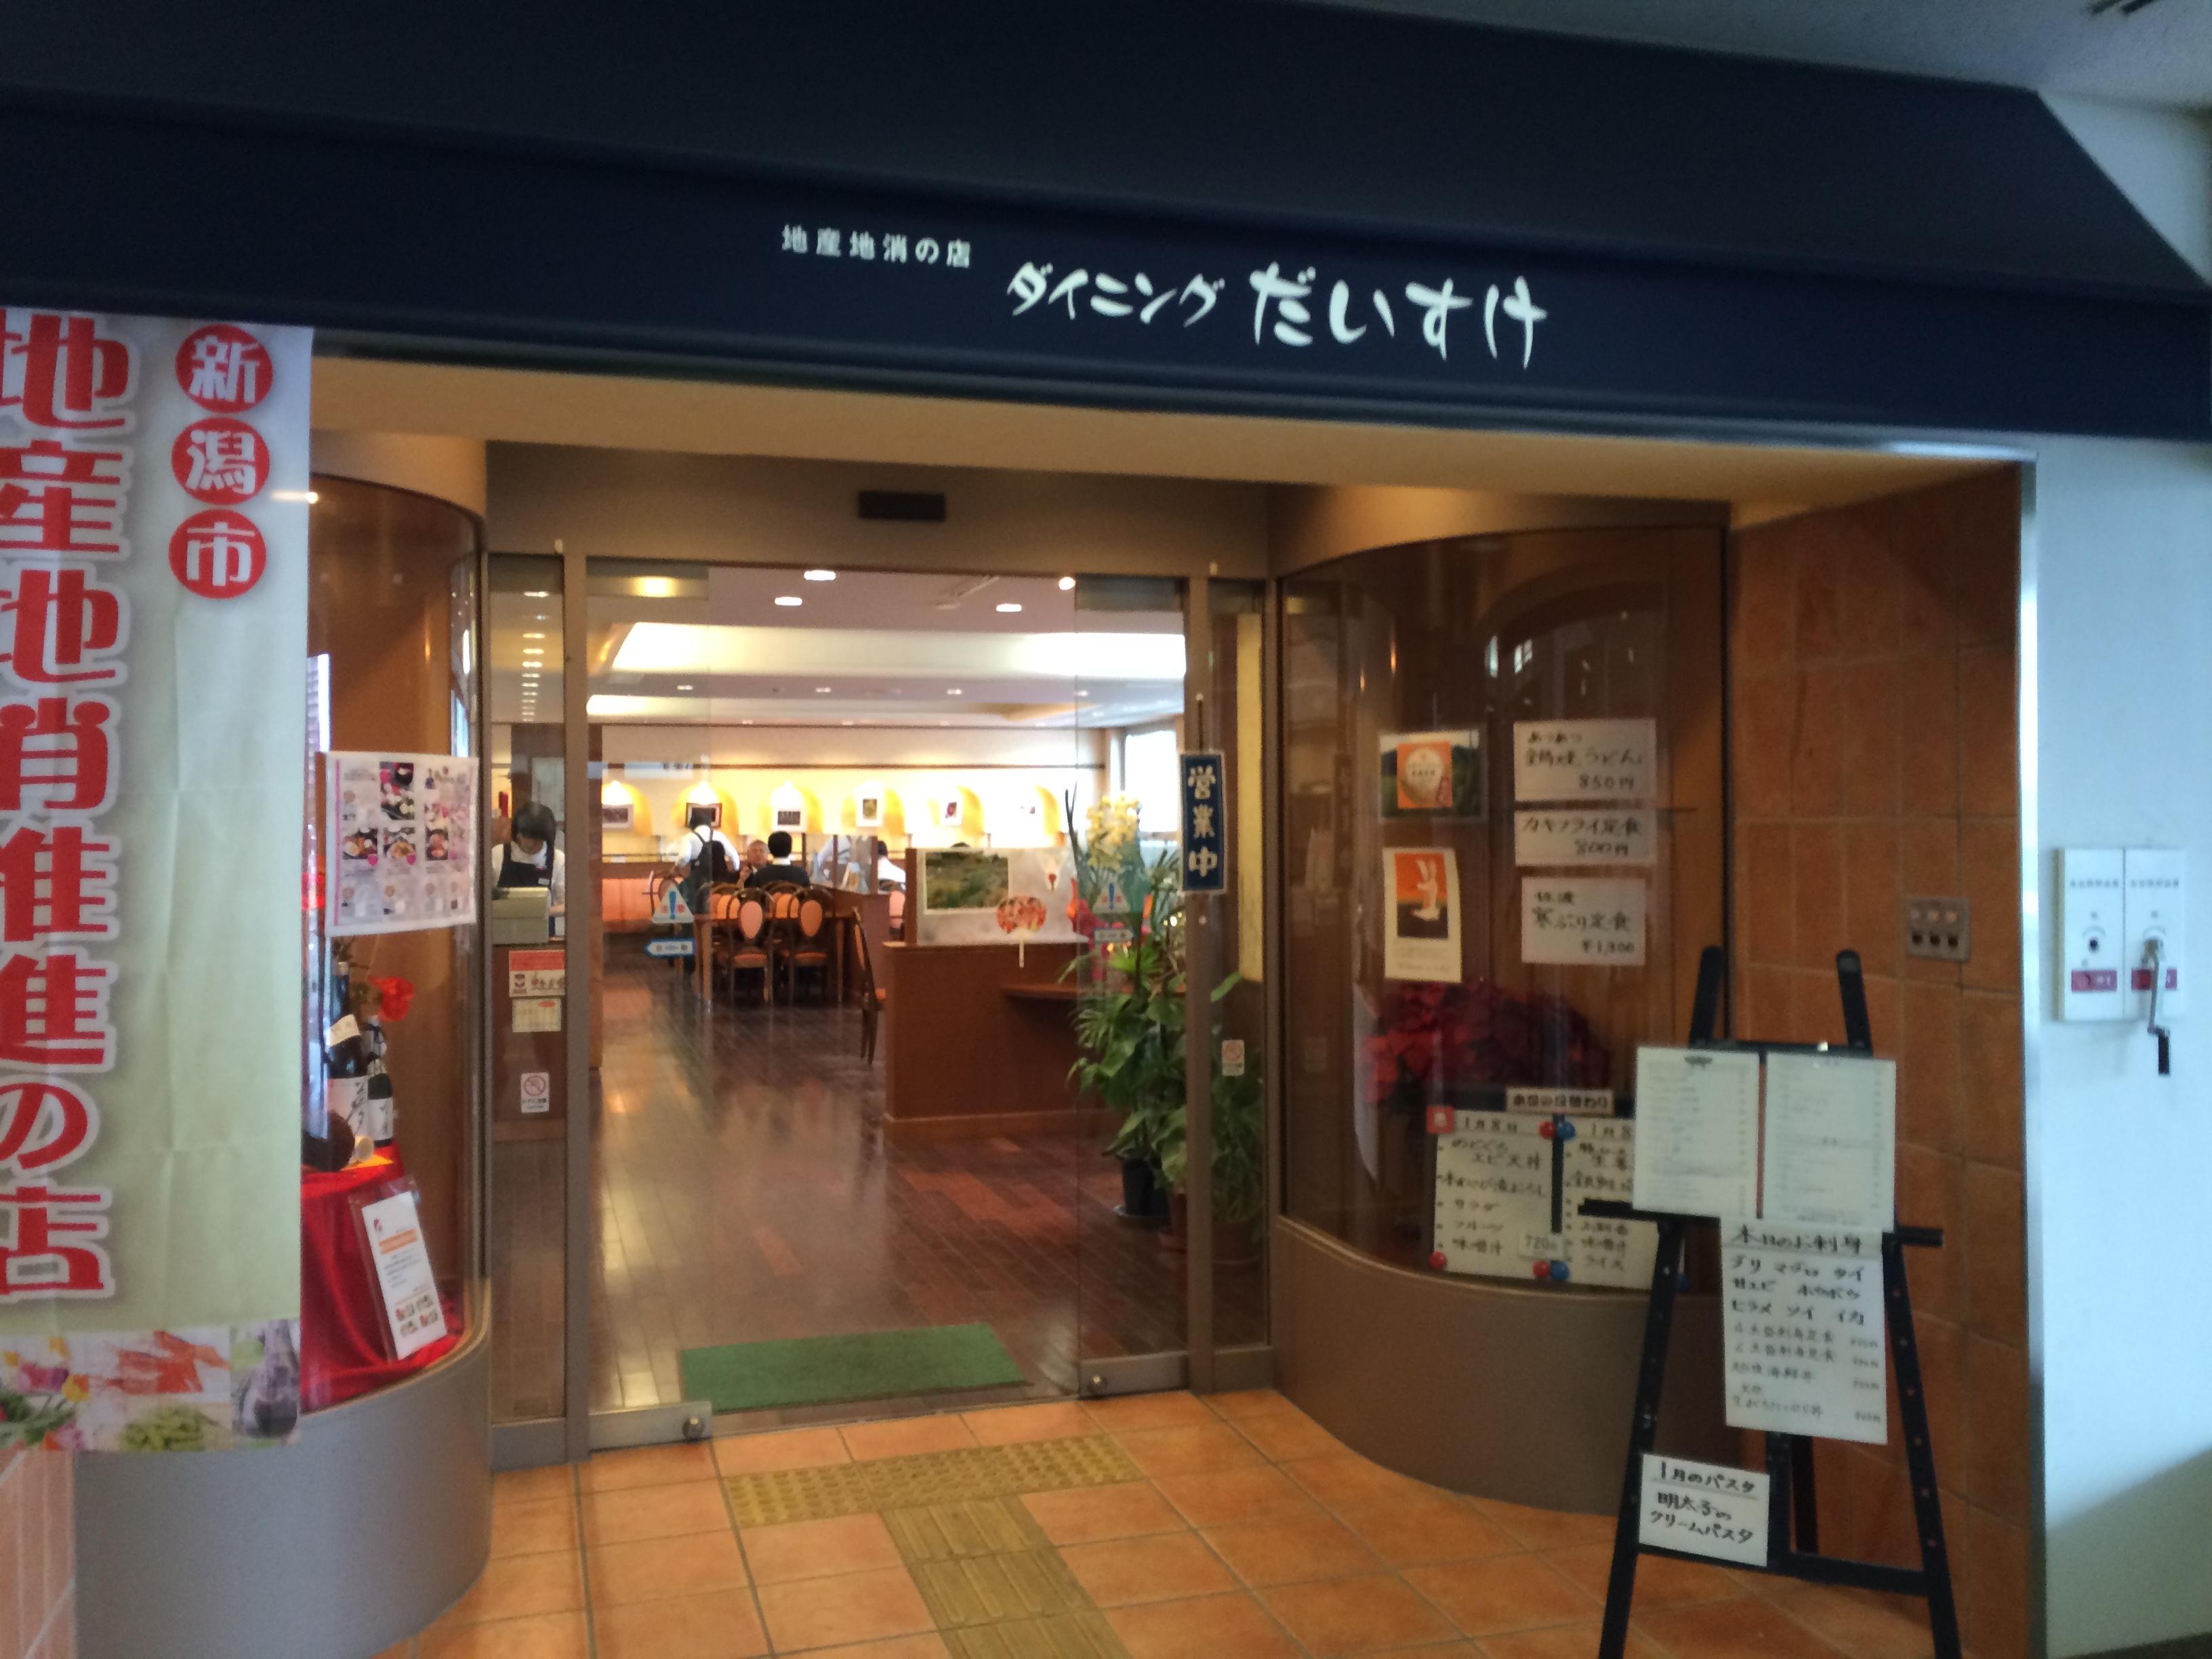 盛りが豪快!魚がおいしい!新潟県庁内の「大助」はお昼にオススメ